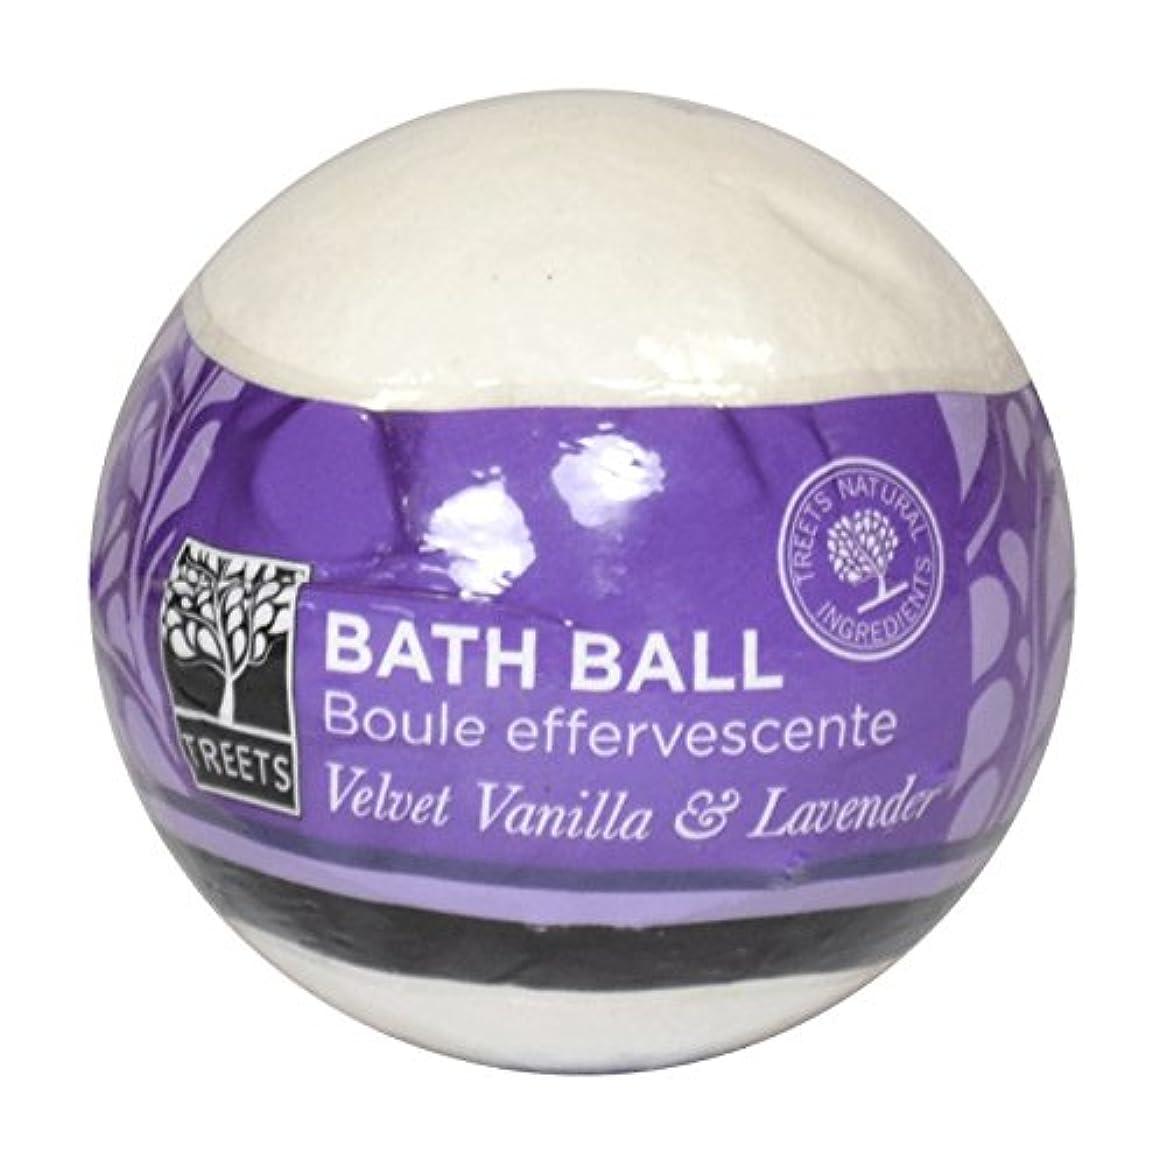 ラベ暴行学部長Treets Velvet Vanilla & Lavender Bath Ball (Pack of 2) - Treetsベルベットのバニラ&ラベンダーバスボール (x2) [並行輸入品]